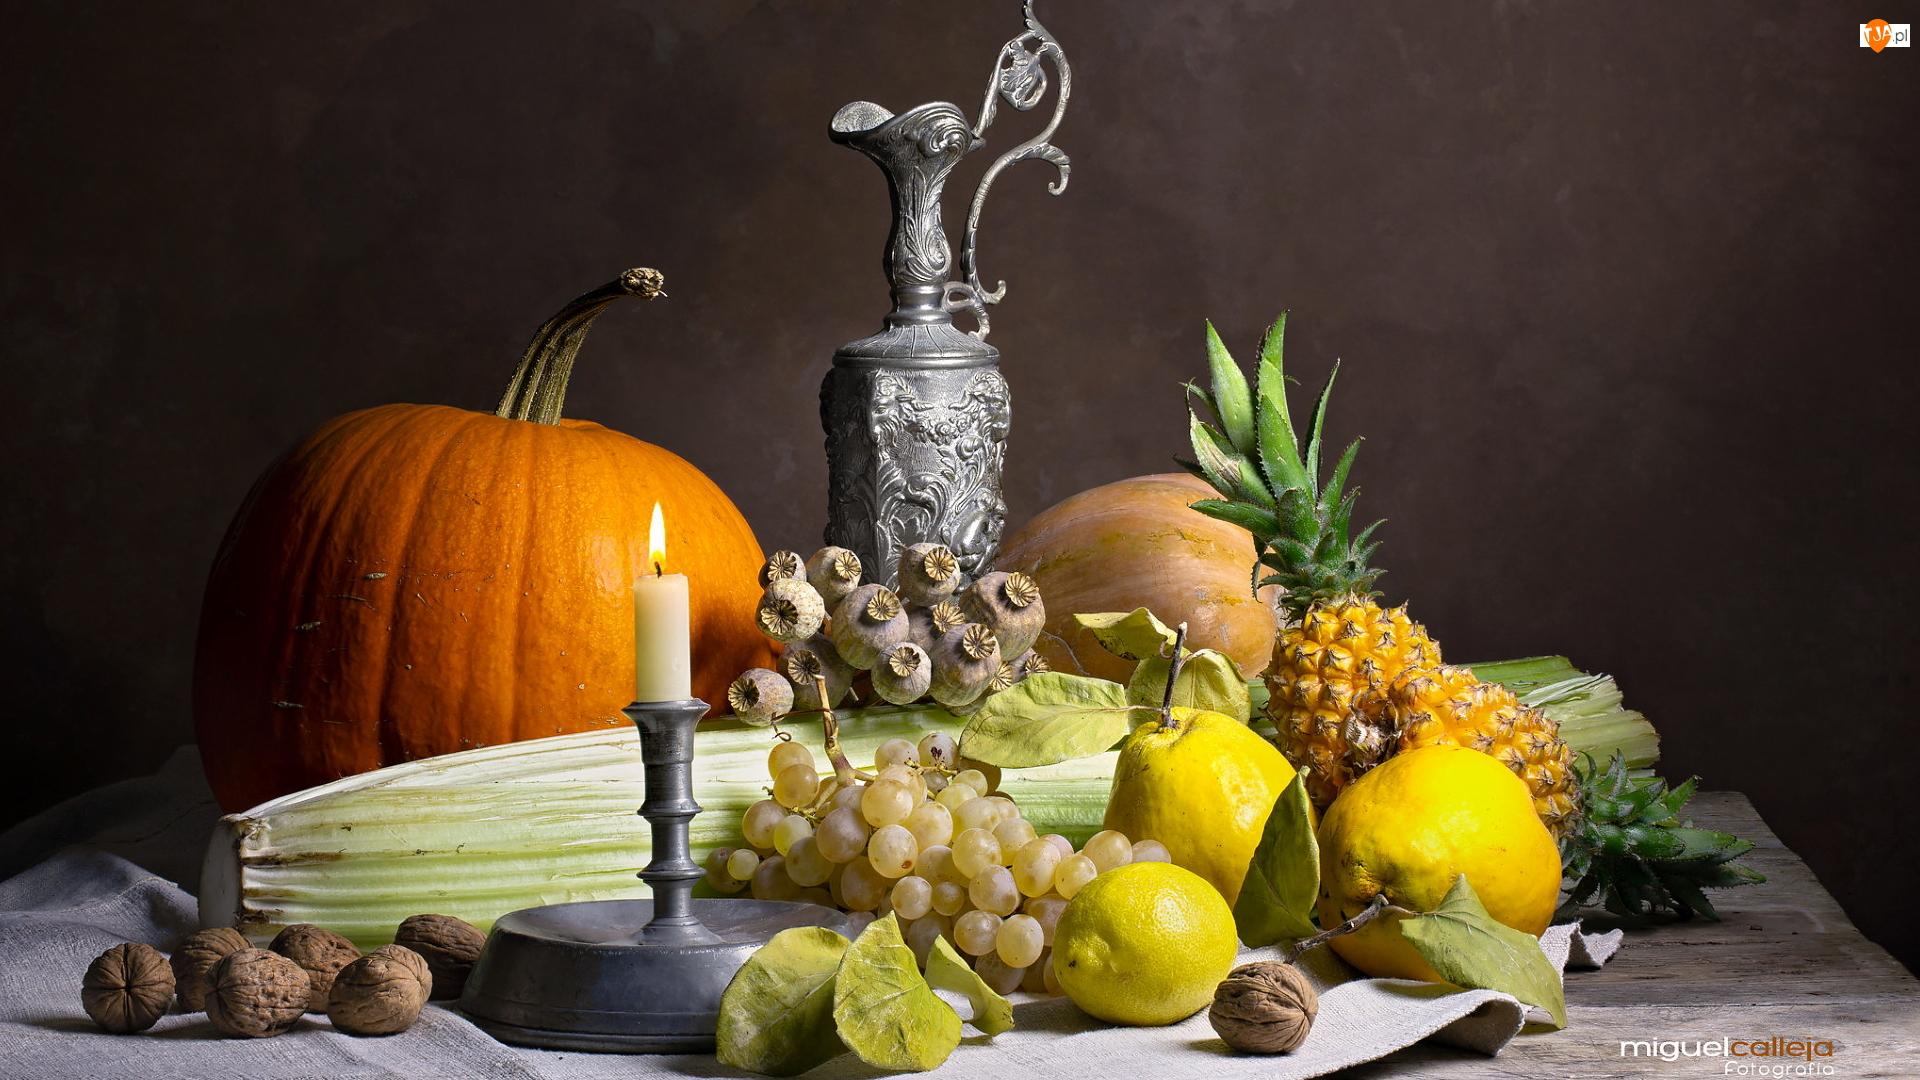 Kompozycja, Warzywa, Świeczka, Orzechy, Dzban, Dynia, Winogrona, Owoce, Ananasy